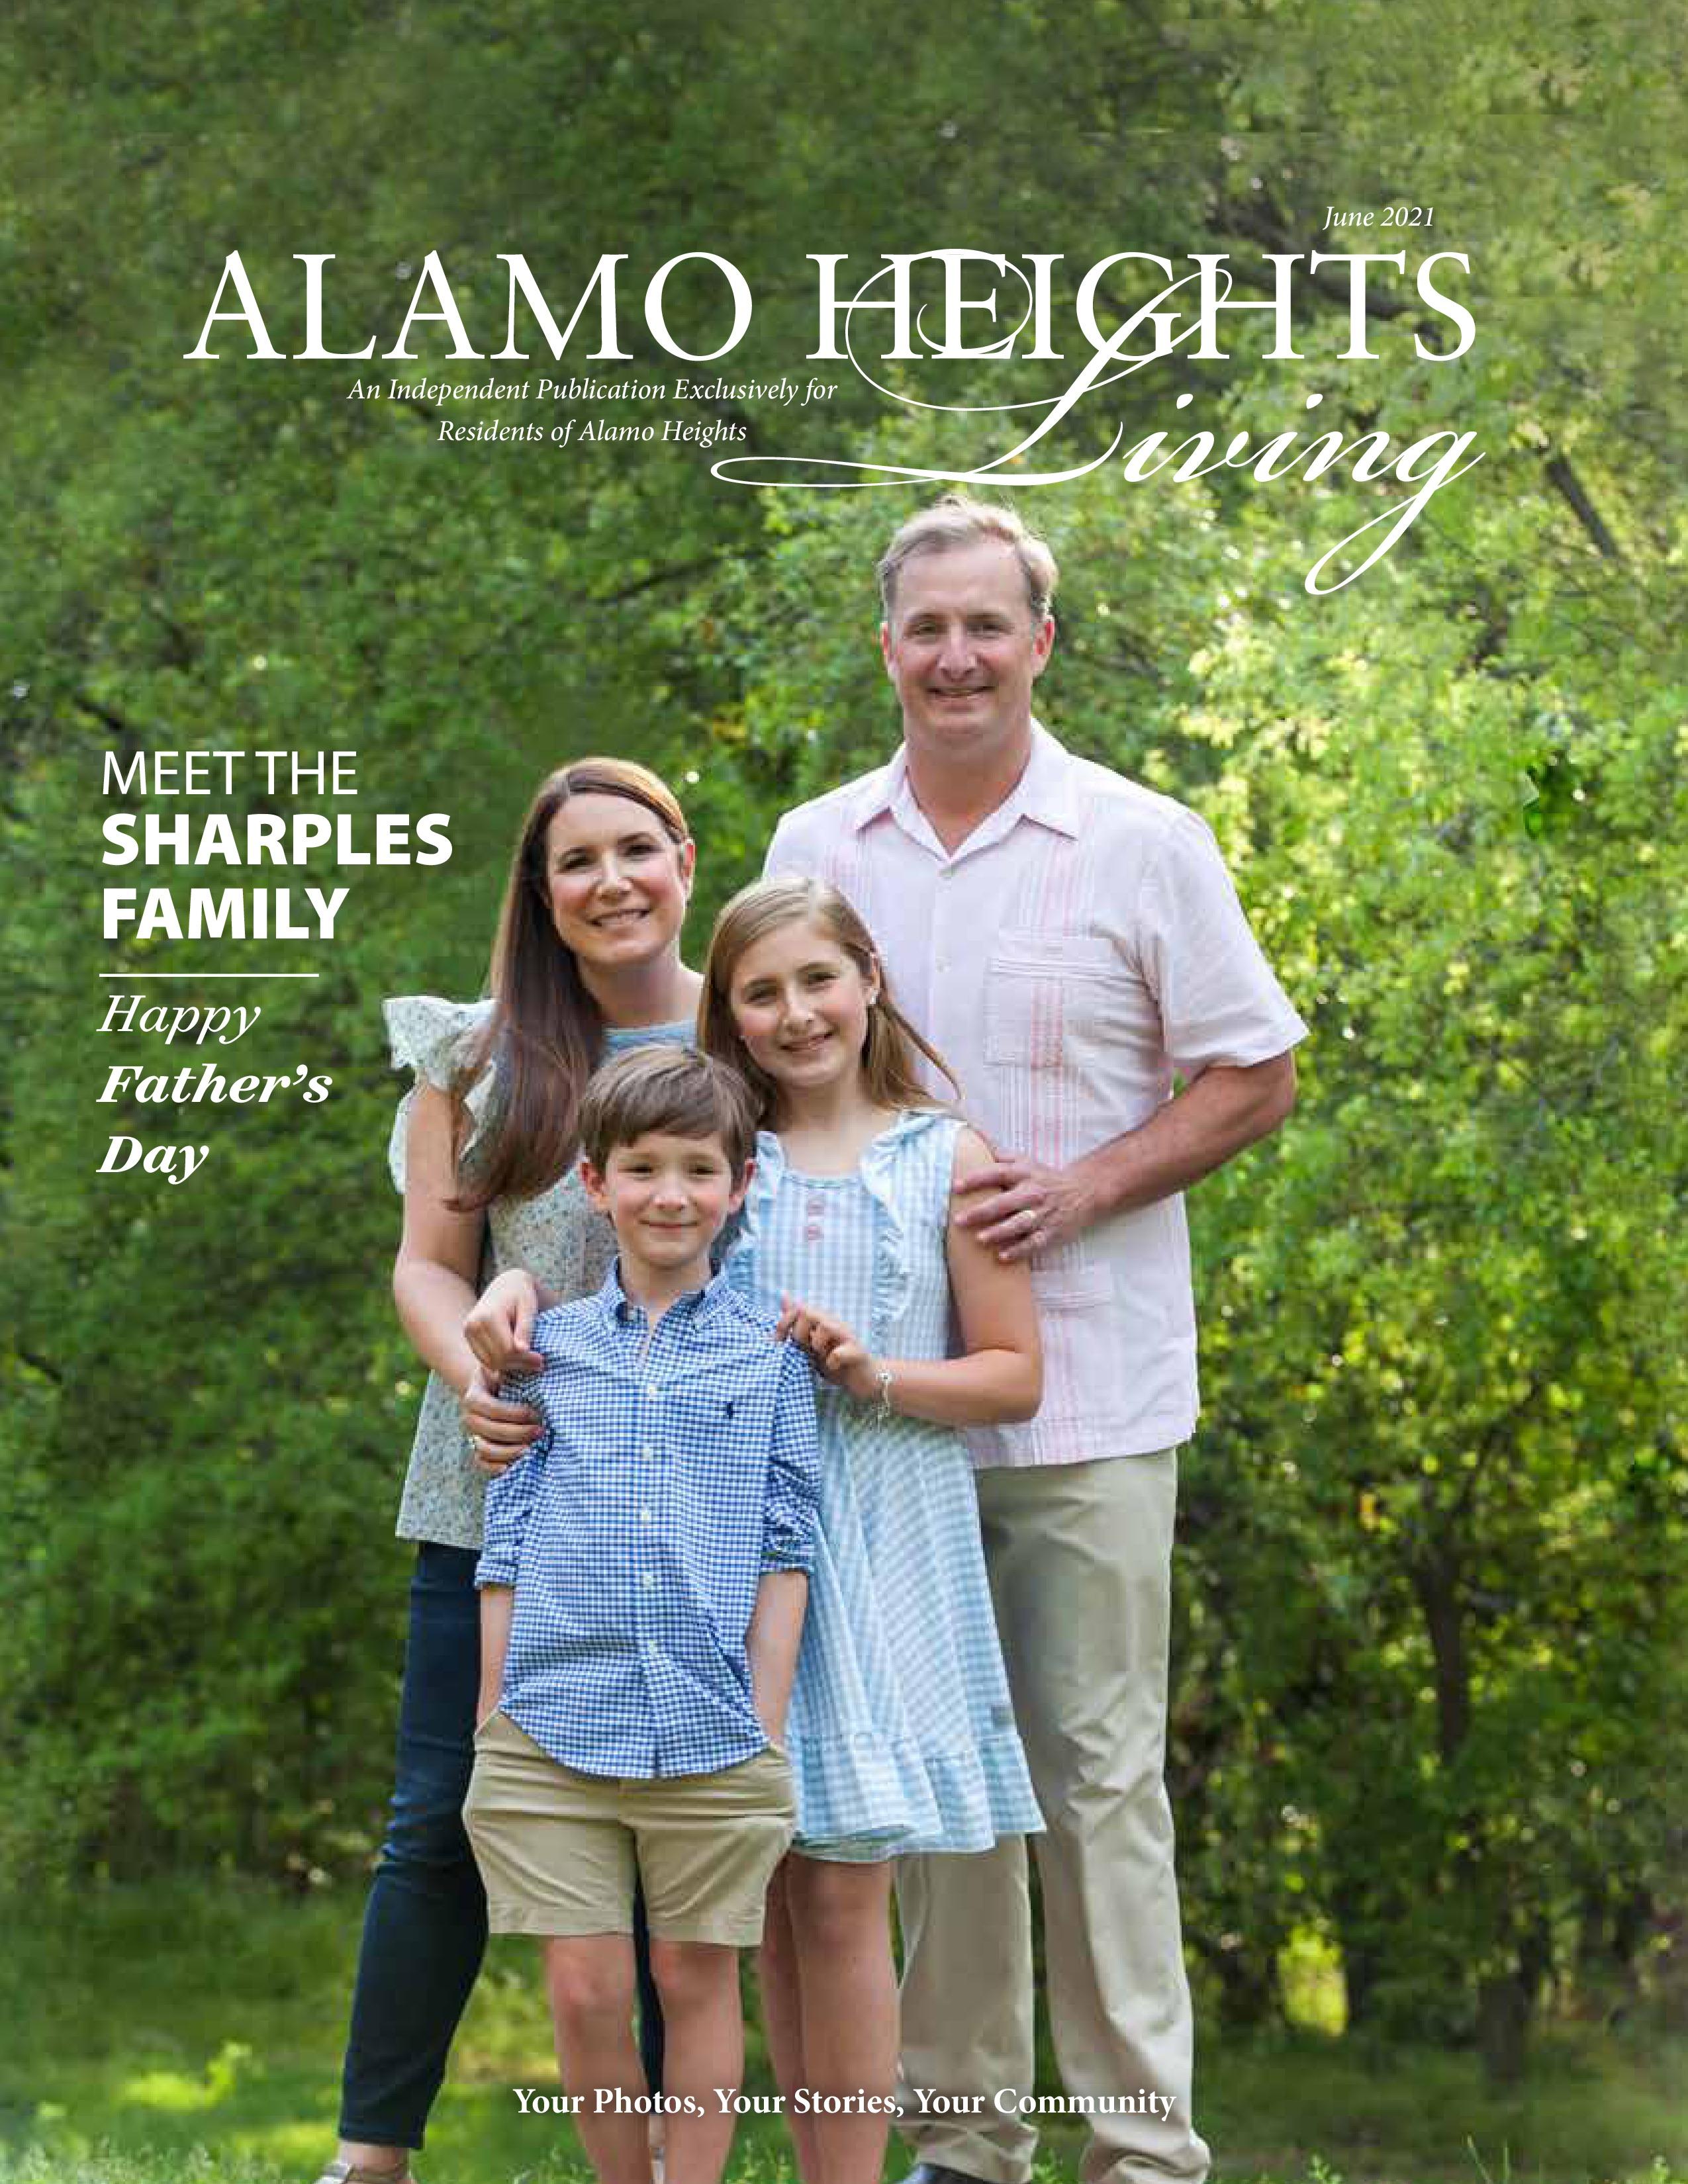 Alamo Heights Living 2021-06-01